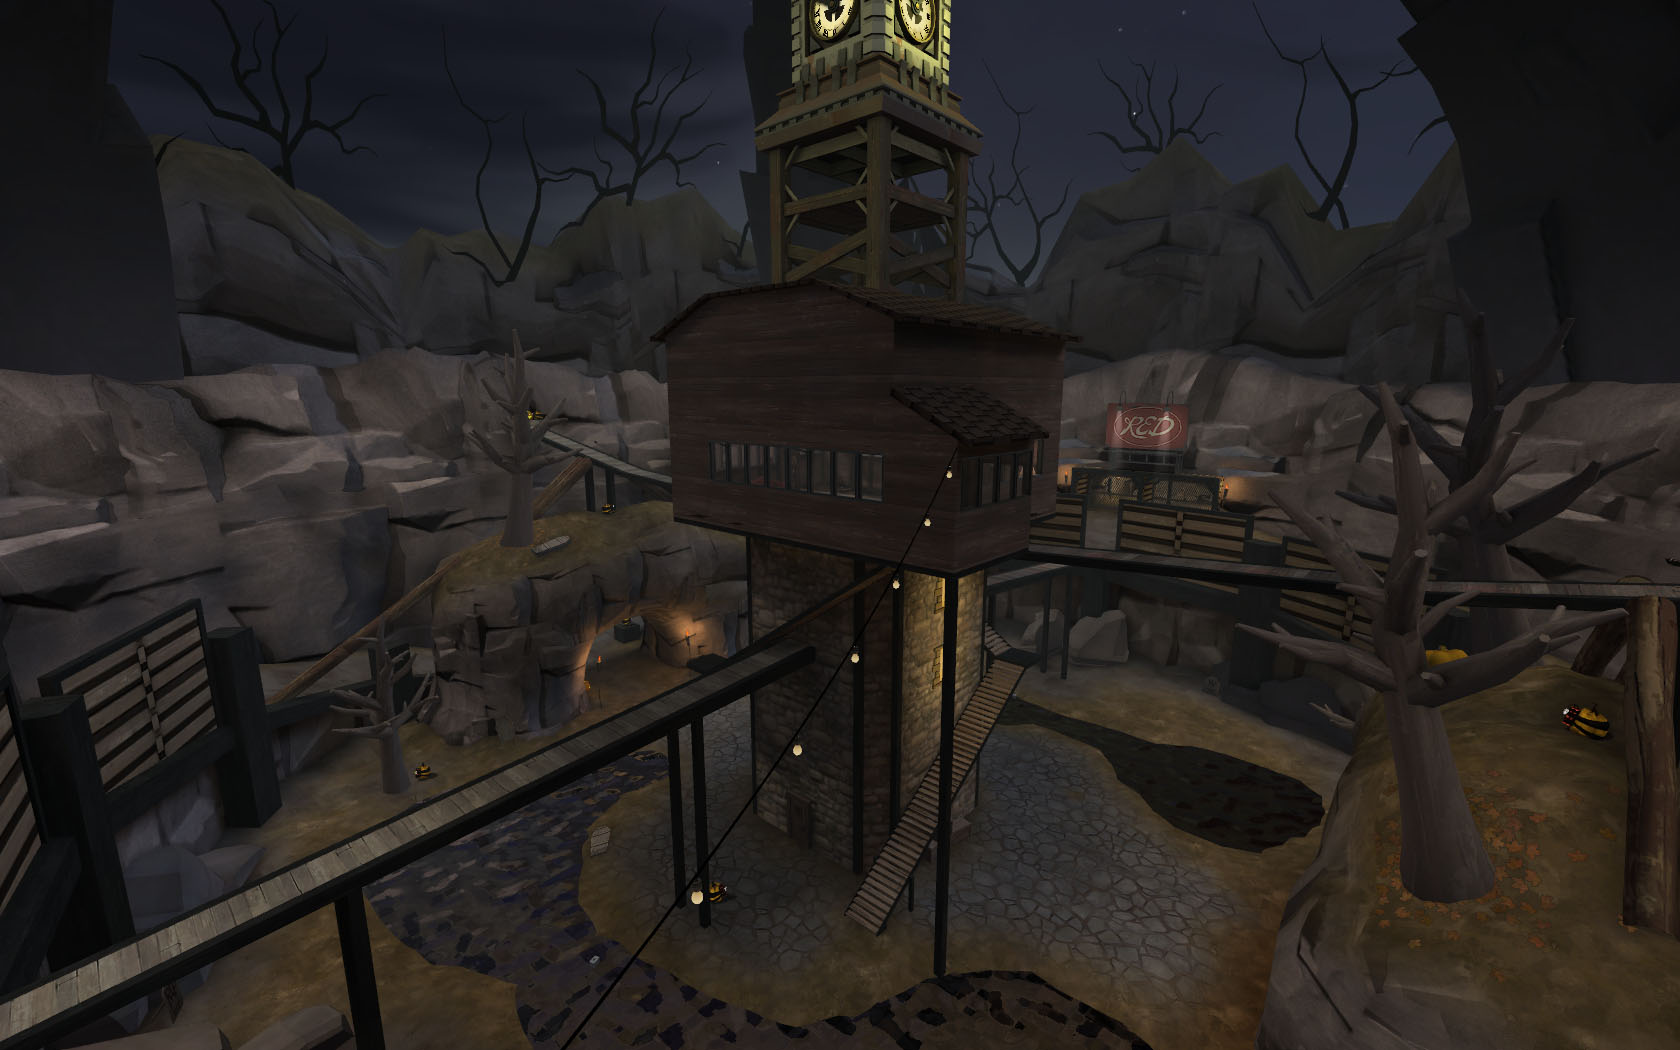 arena_watchtower_event1.jpg